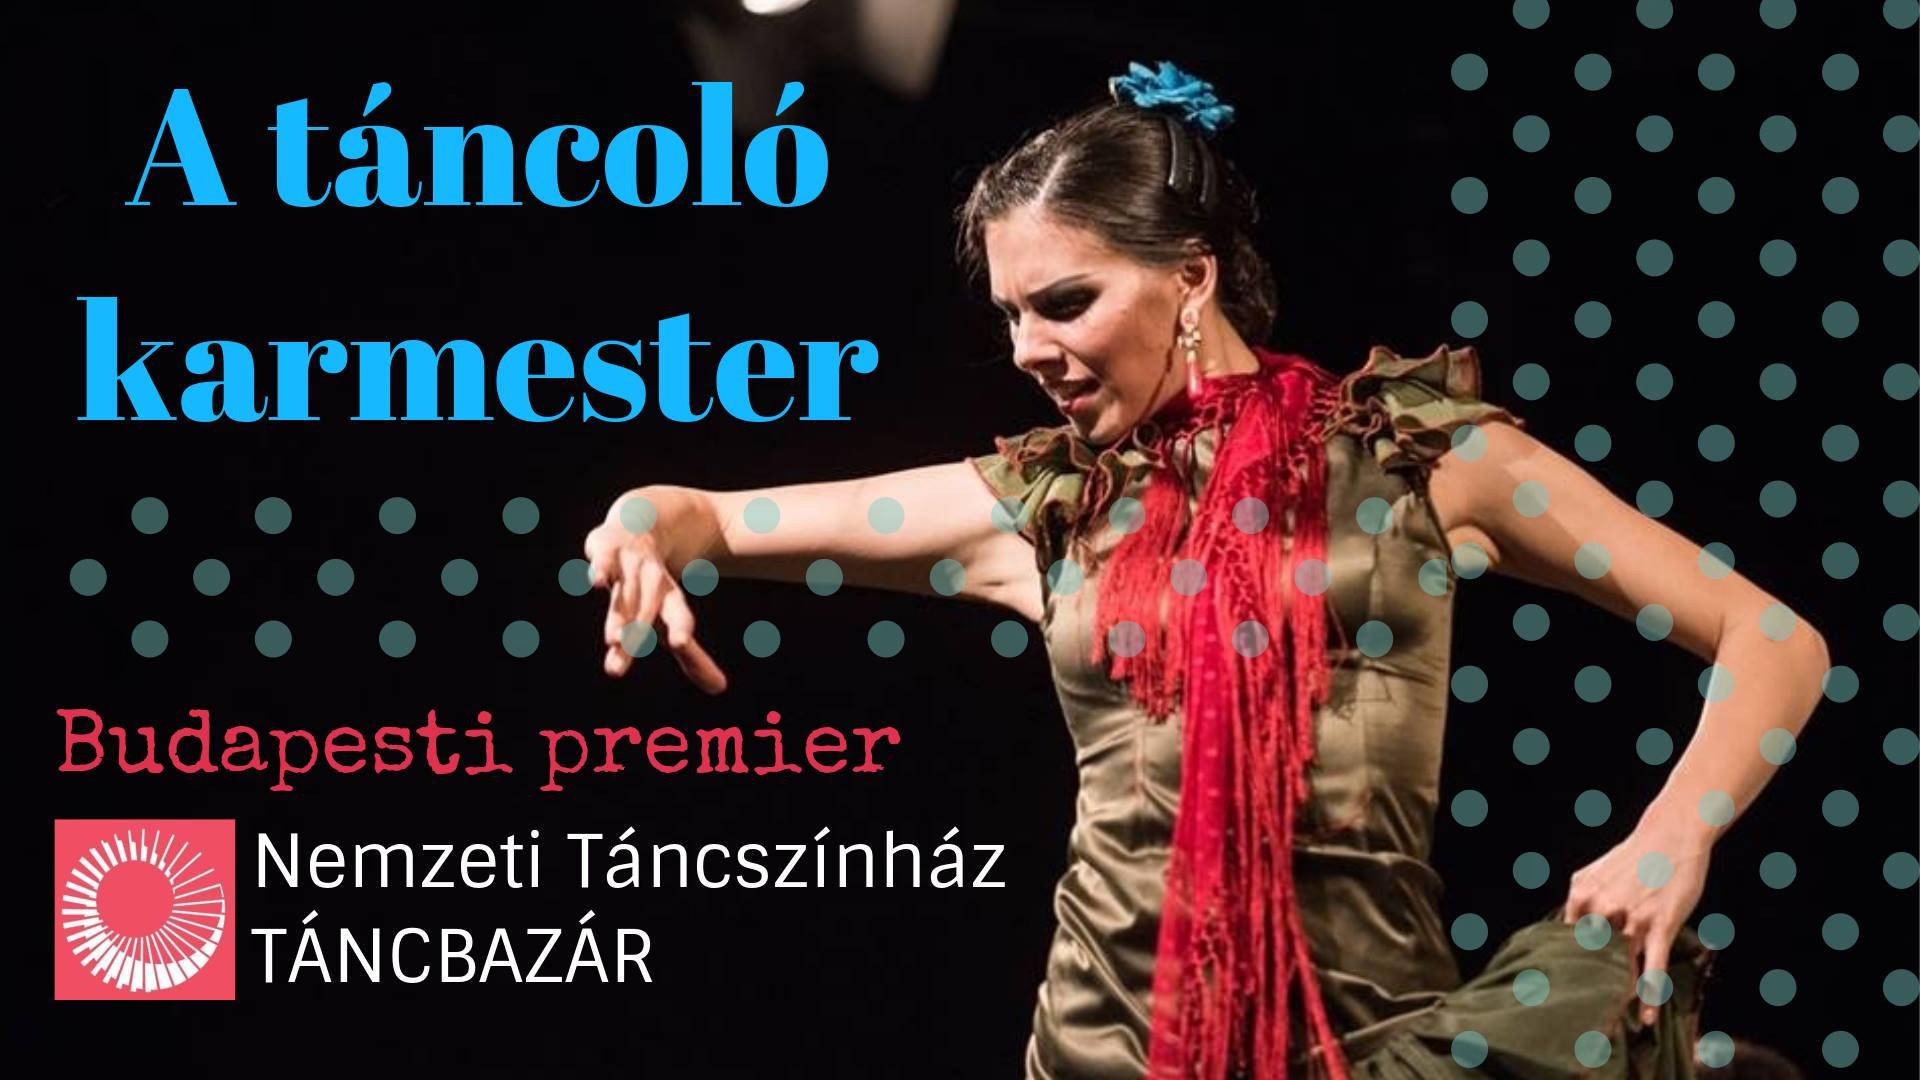 A táncoló karmester